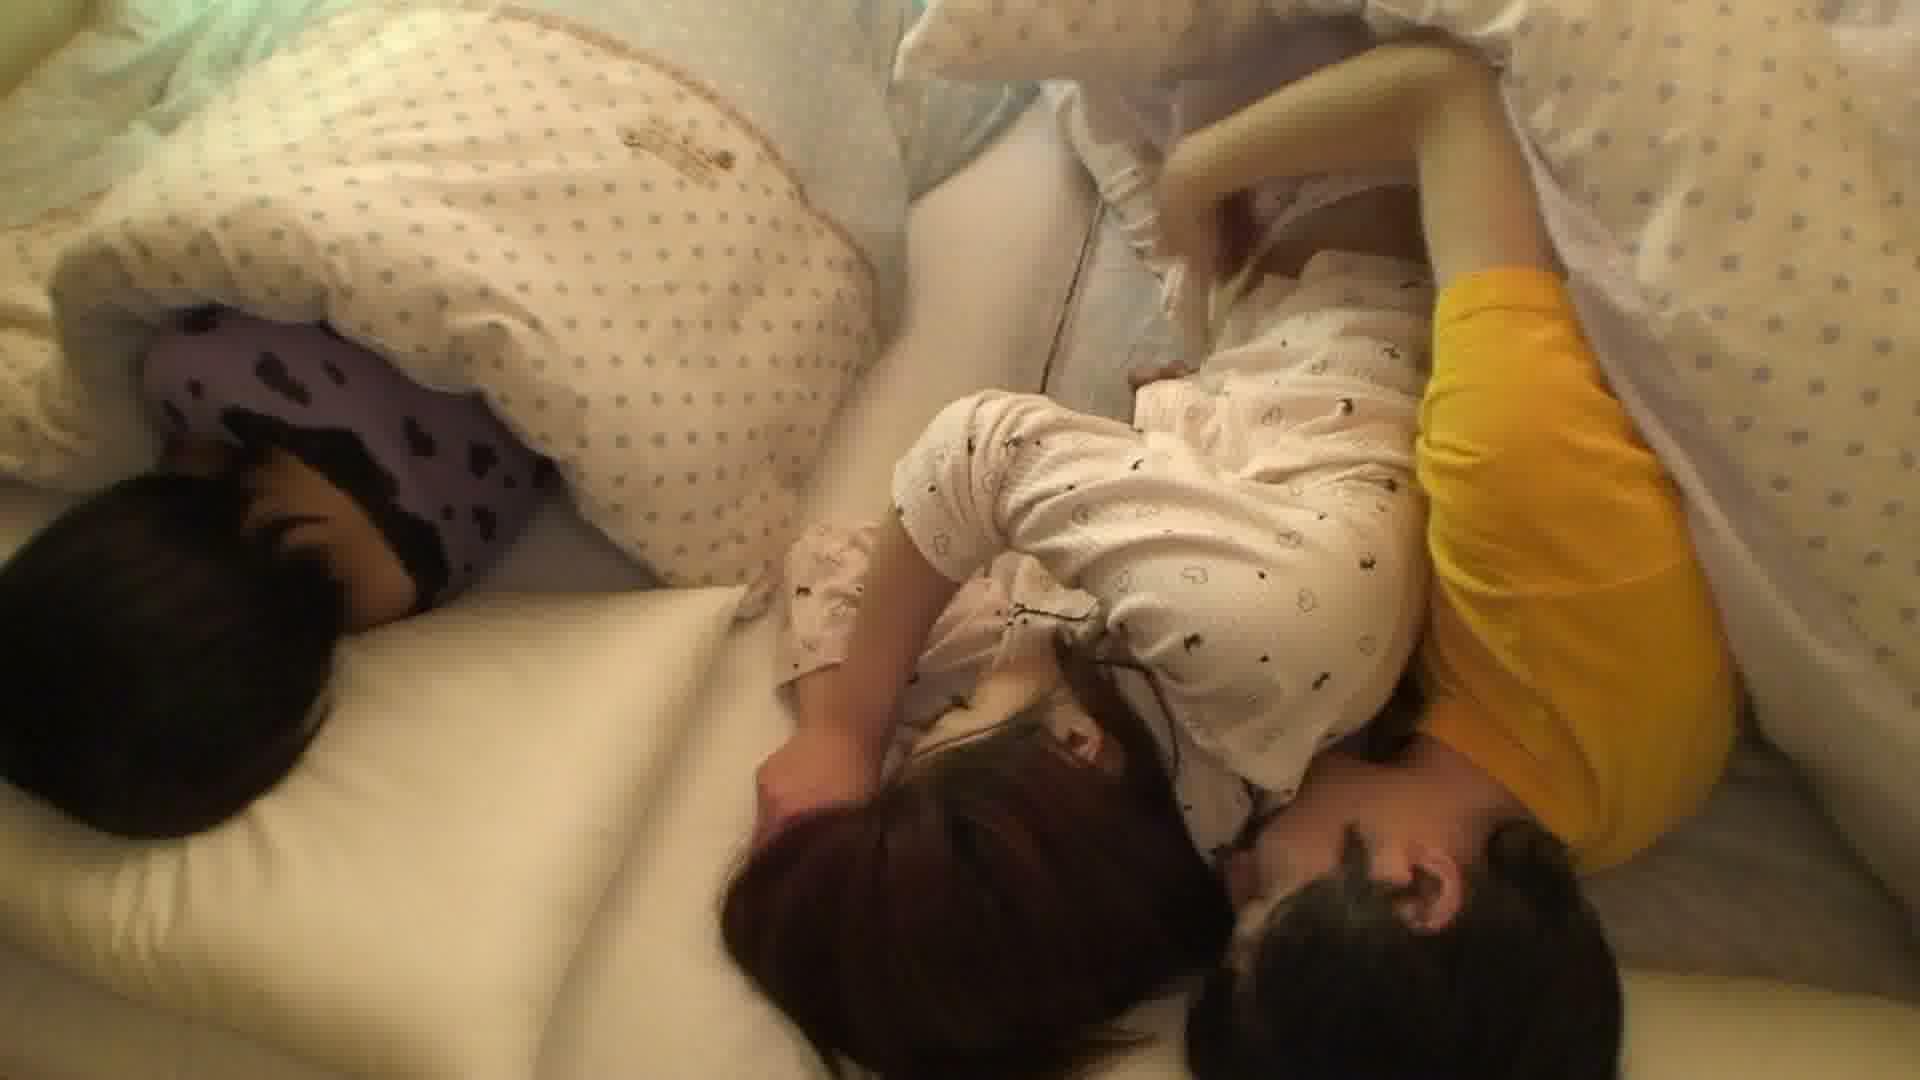 姉妹と川の字で寝ている姉をヤったら喘ぎ声に発情しオナニーする妹 前編中山ゆめみ 琥珀うた